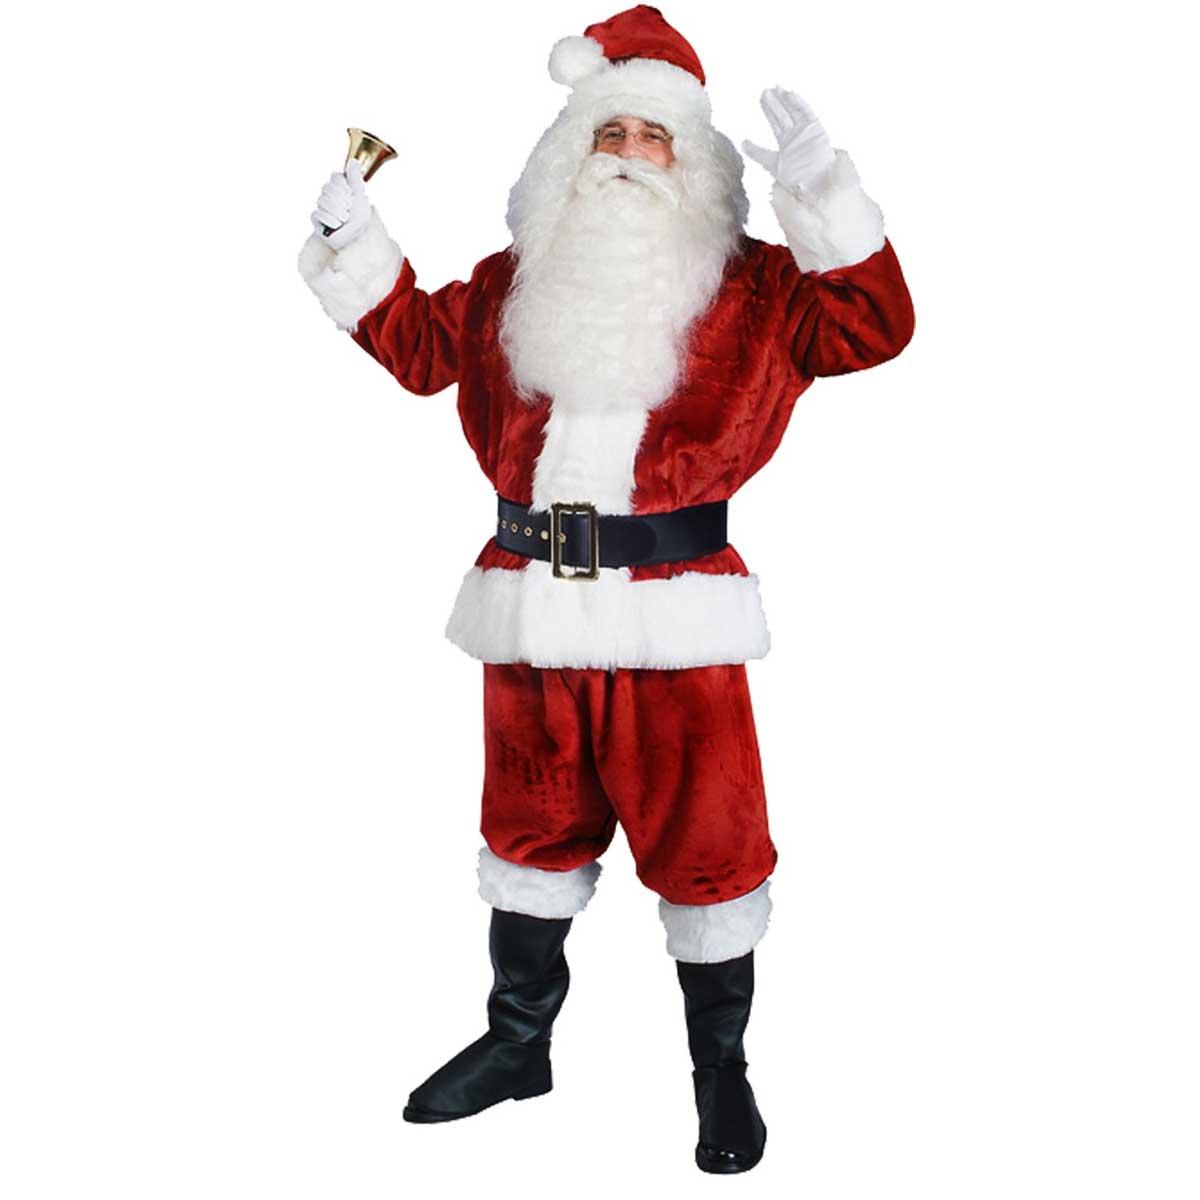 산타클로스 Santa Claus: 산타 클로스의 역사는 전설에 뒤덮여있어서 여러 가지 다양한 기원이 전해지고 있다.